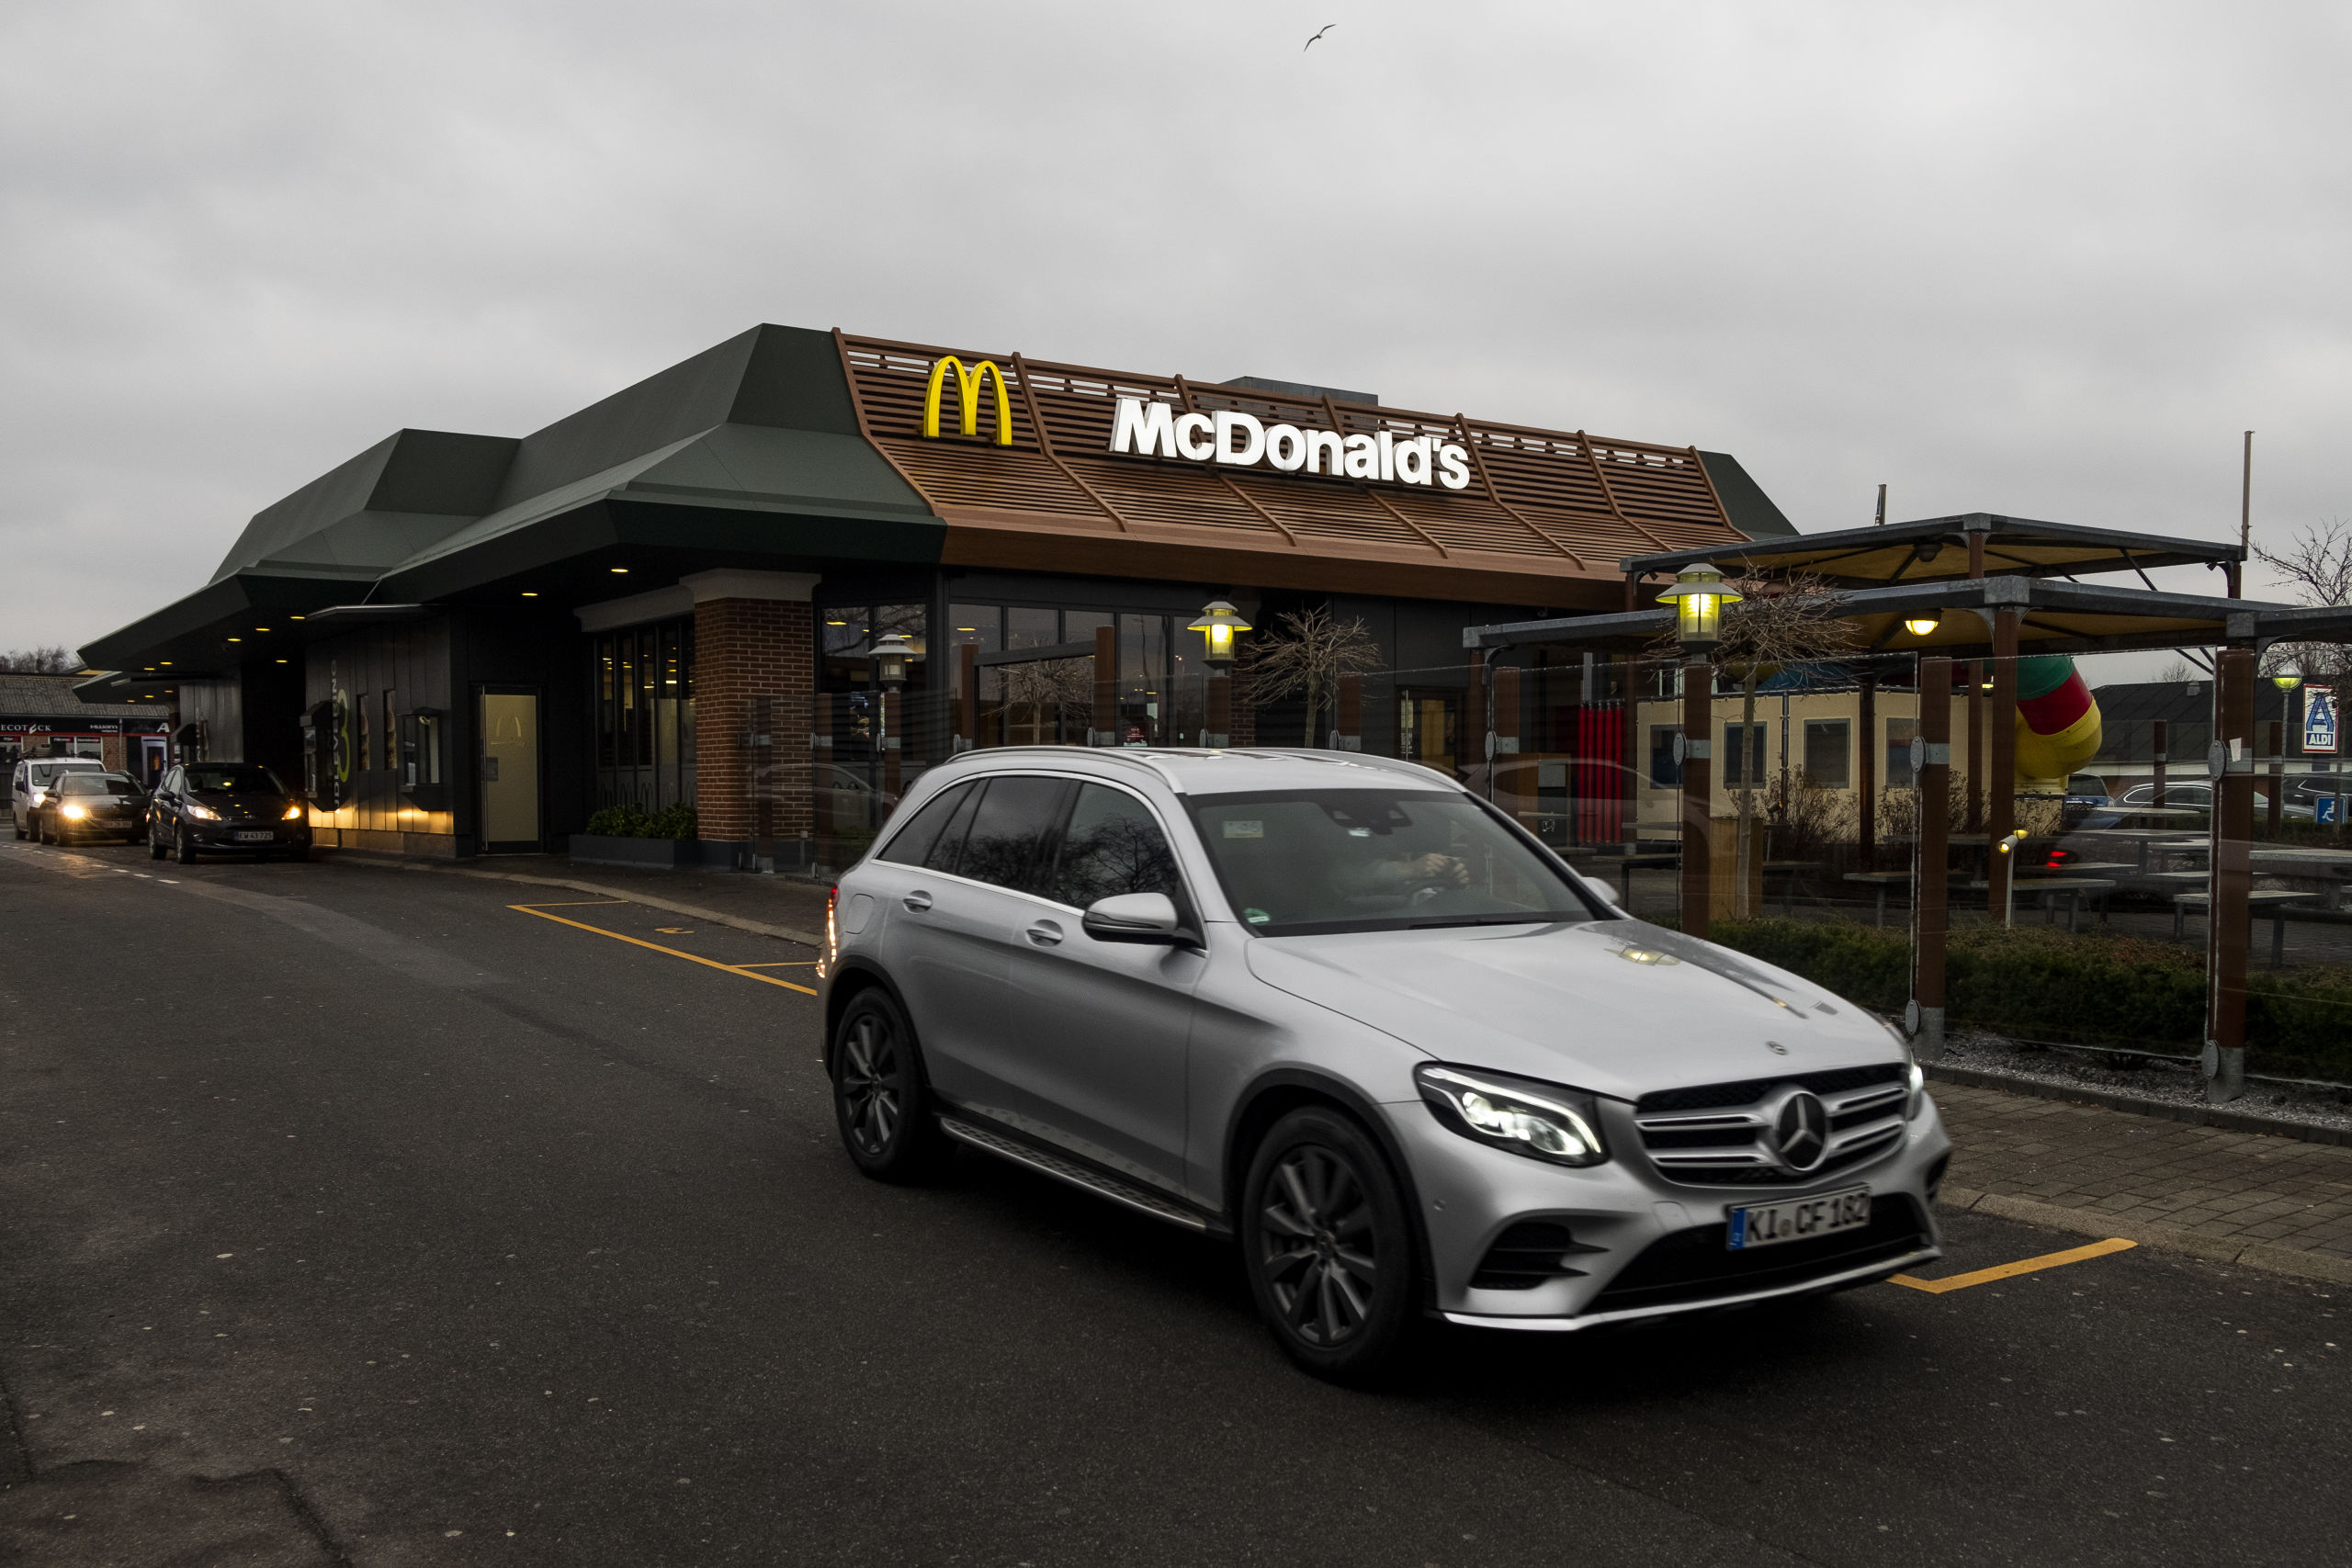 Det er populært at køre forbi McDonald's Skalborgs McDrive den 1. januar, så man må væbne sig med tålmodighed, når man skal have stillet sin trang til fastfood. Foto: Lasse Sand